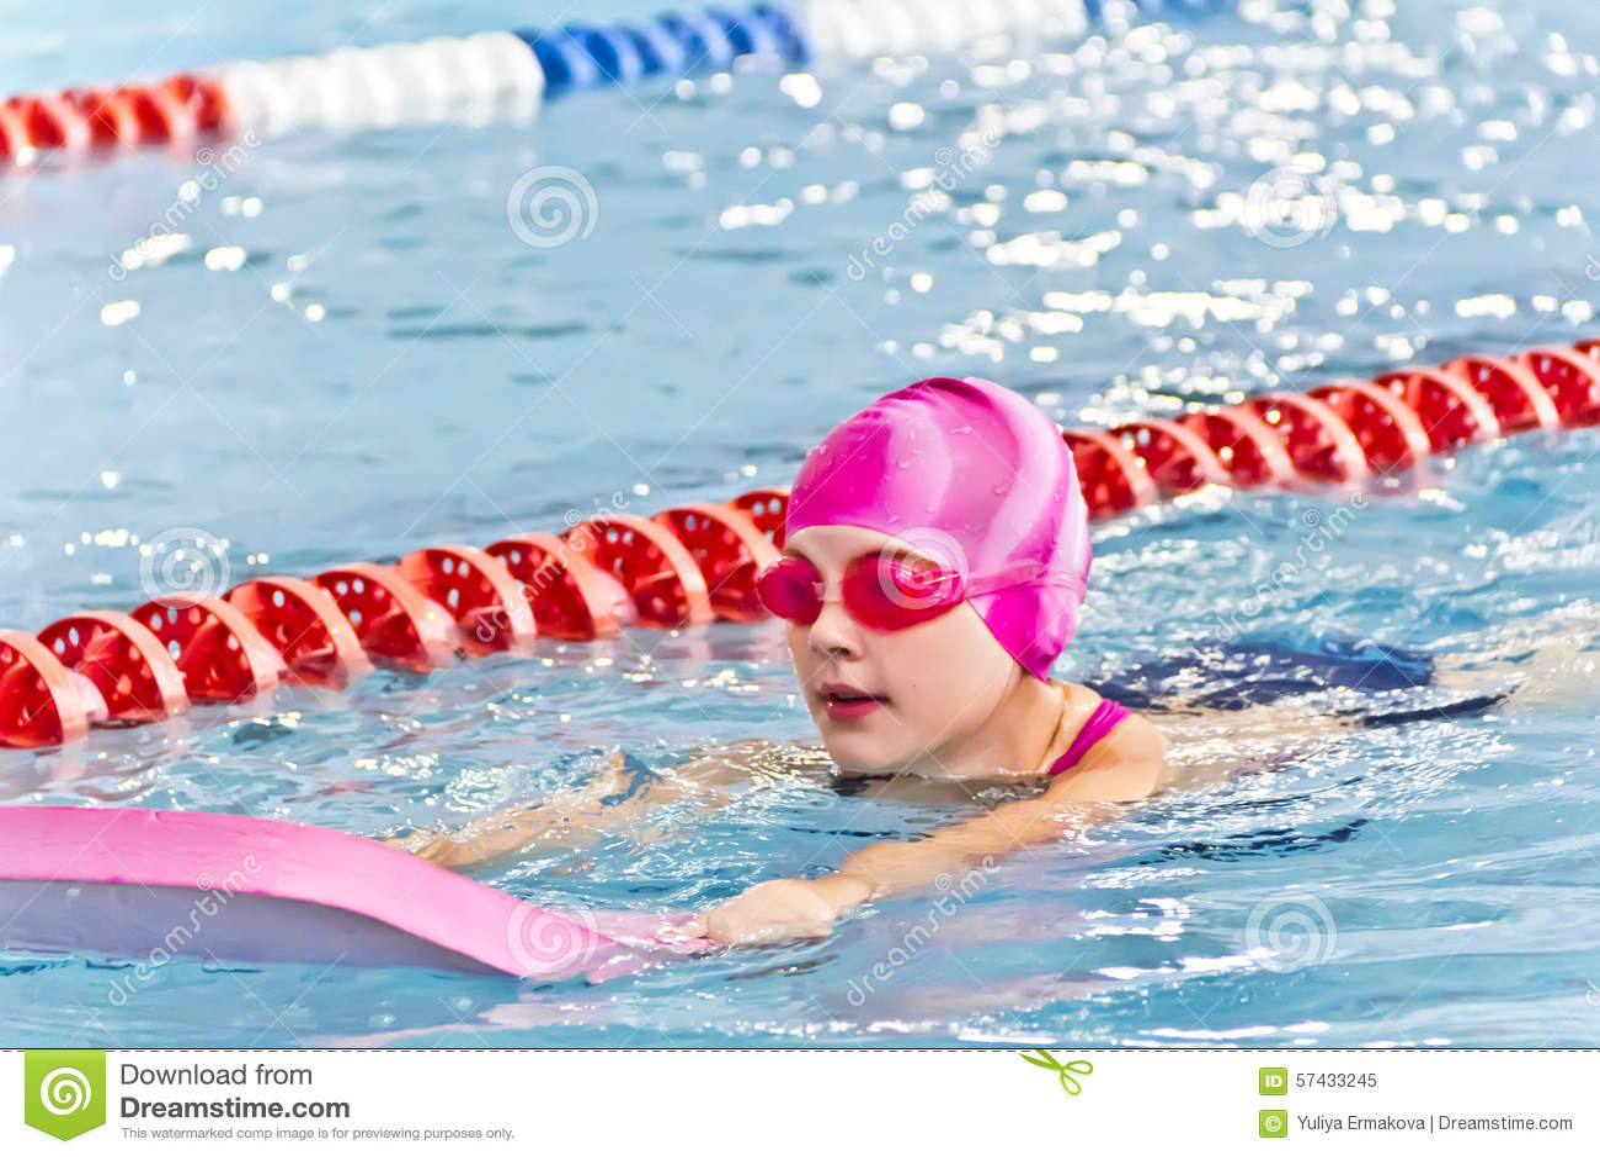 Sweet girls swim pool